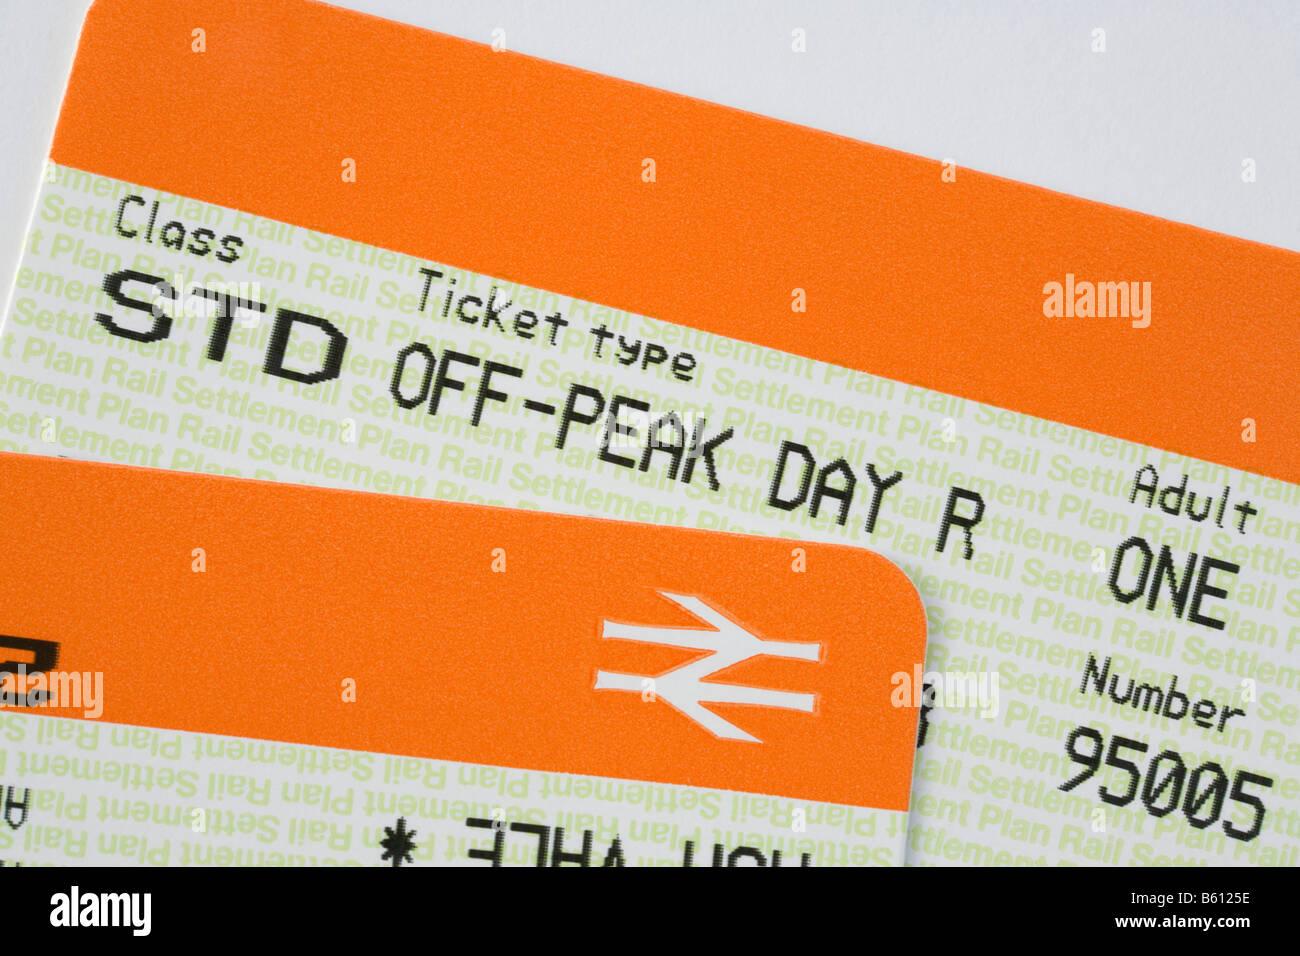 Rete di biglietti ferroviari per Standard off-peak viaggi economici giorno ritorno. Inghilterra Regno Unito Gran Immagini Stock